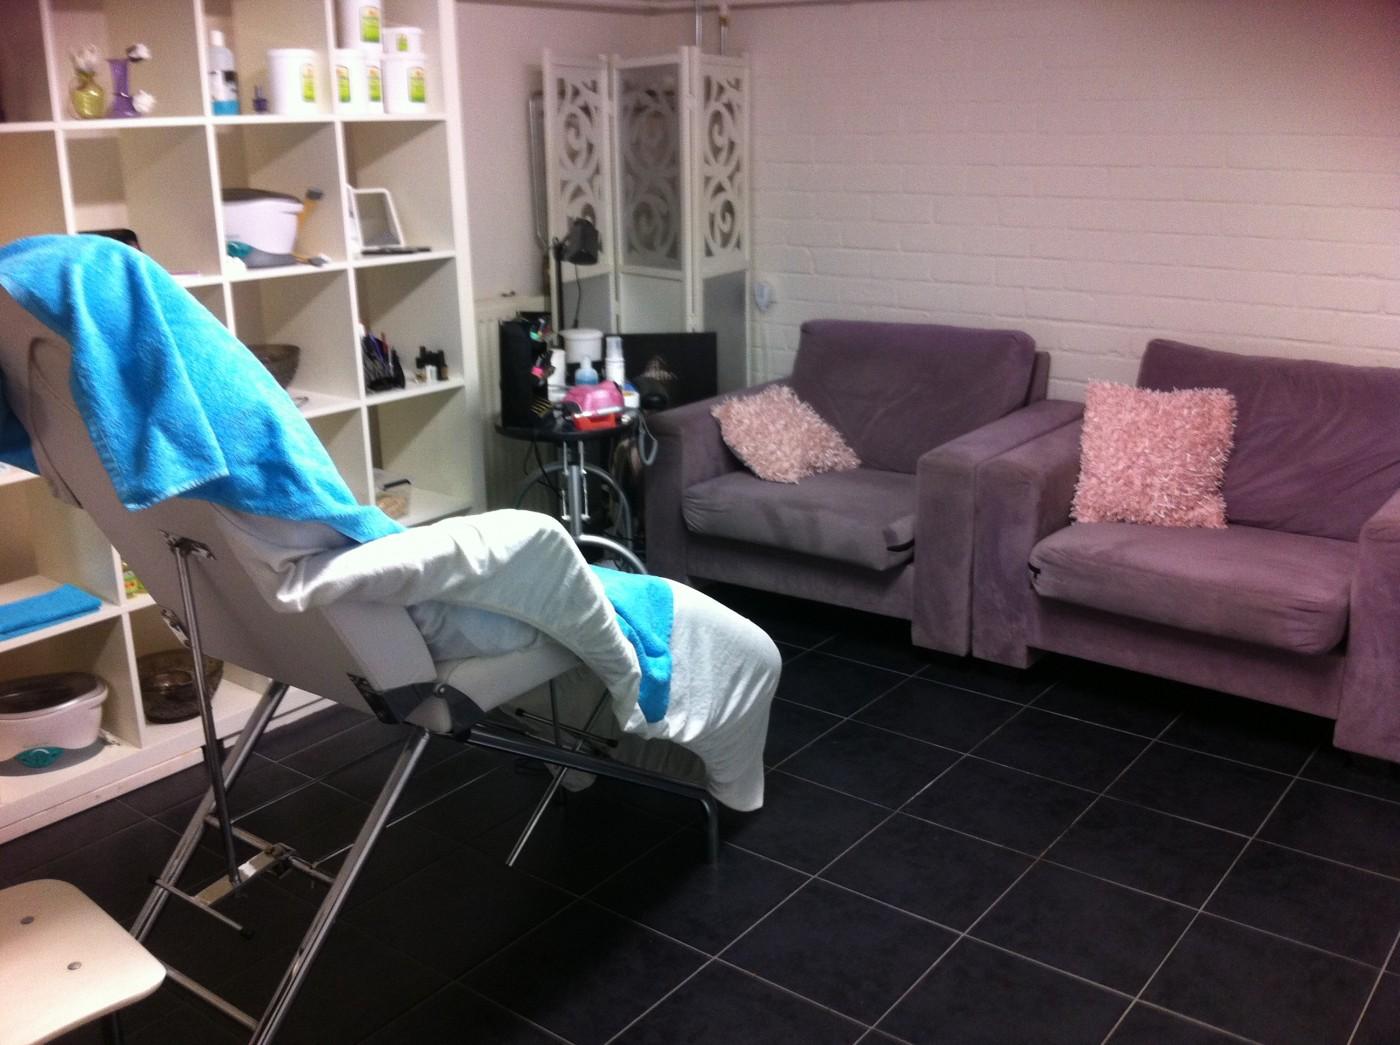 J&E Beauty & Visagie Salon